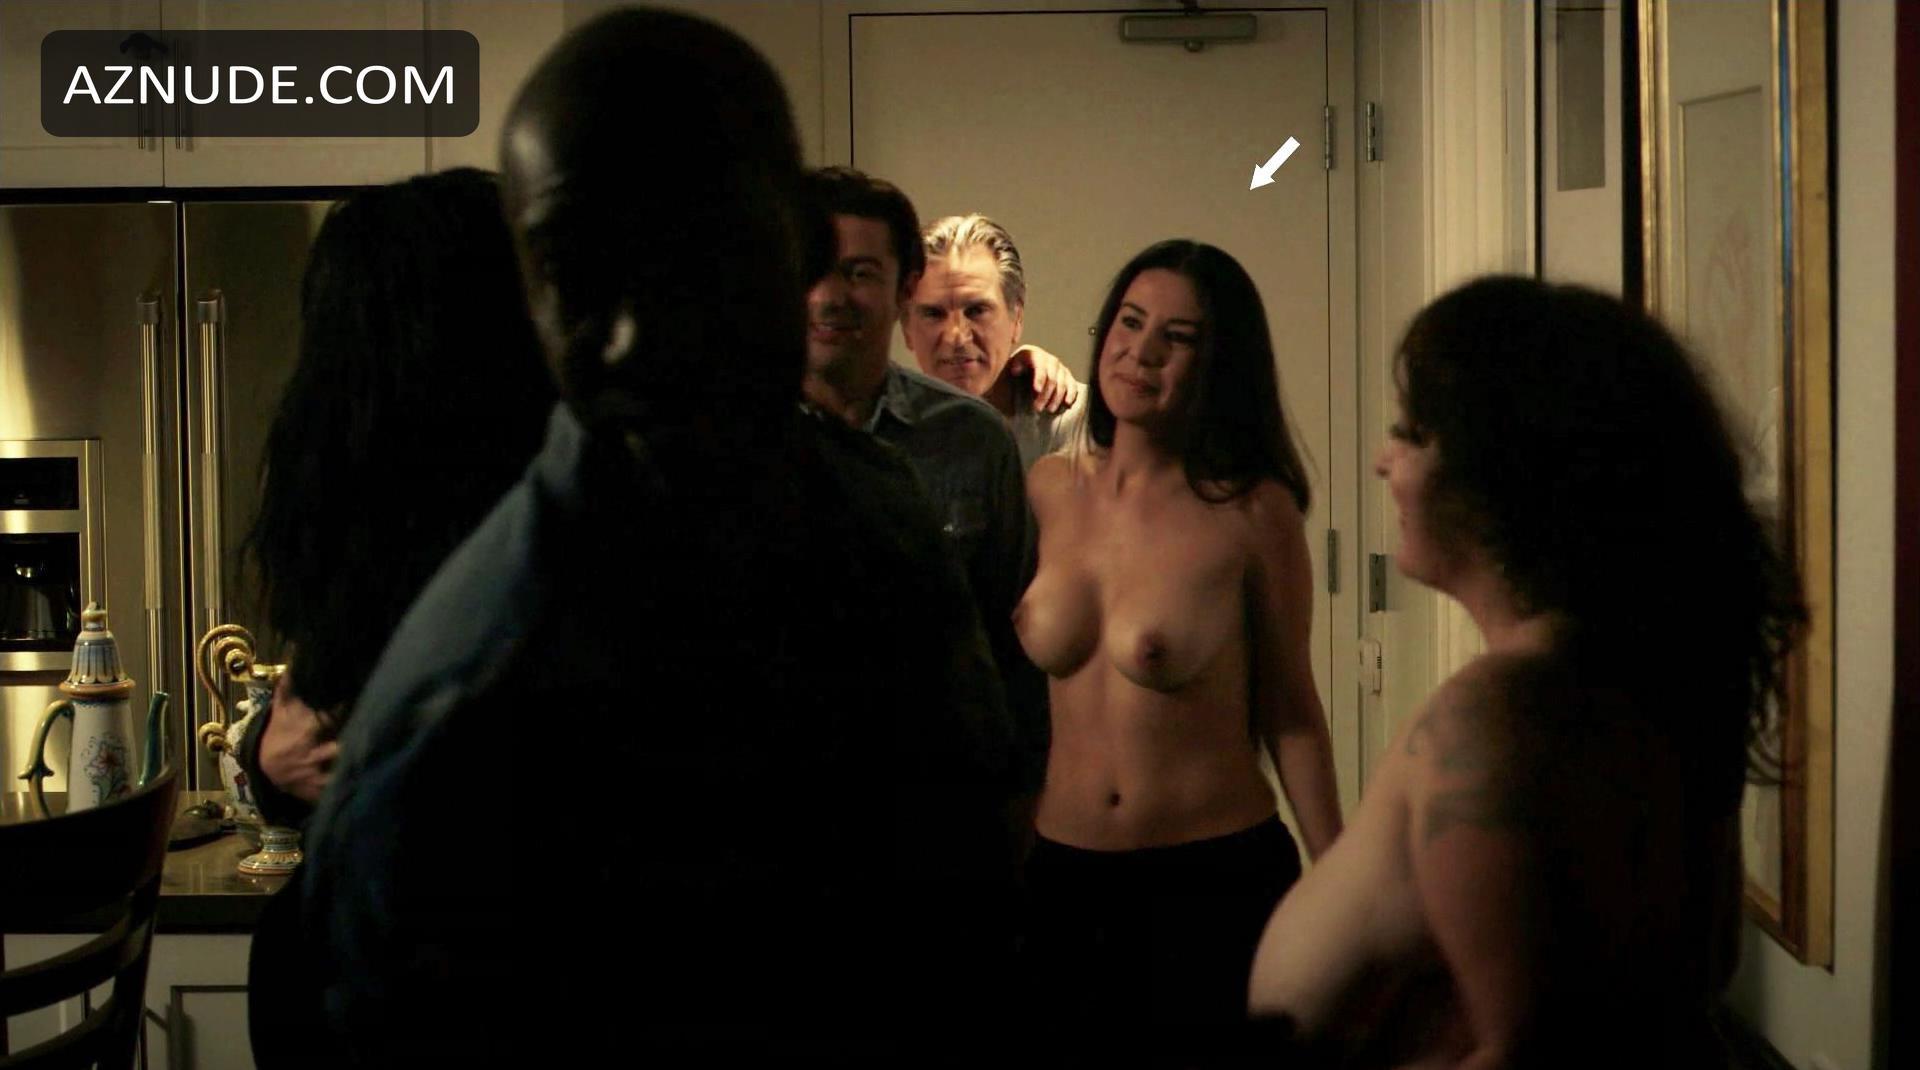 Monica godoy nude in grado 3 - 2 5